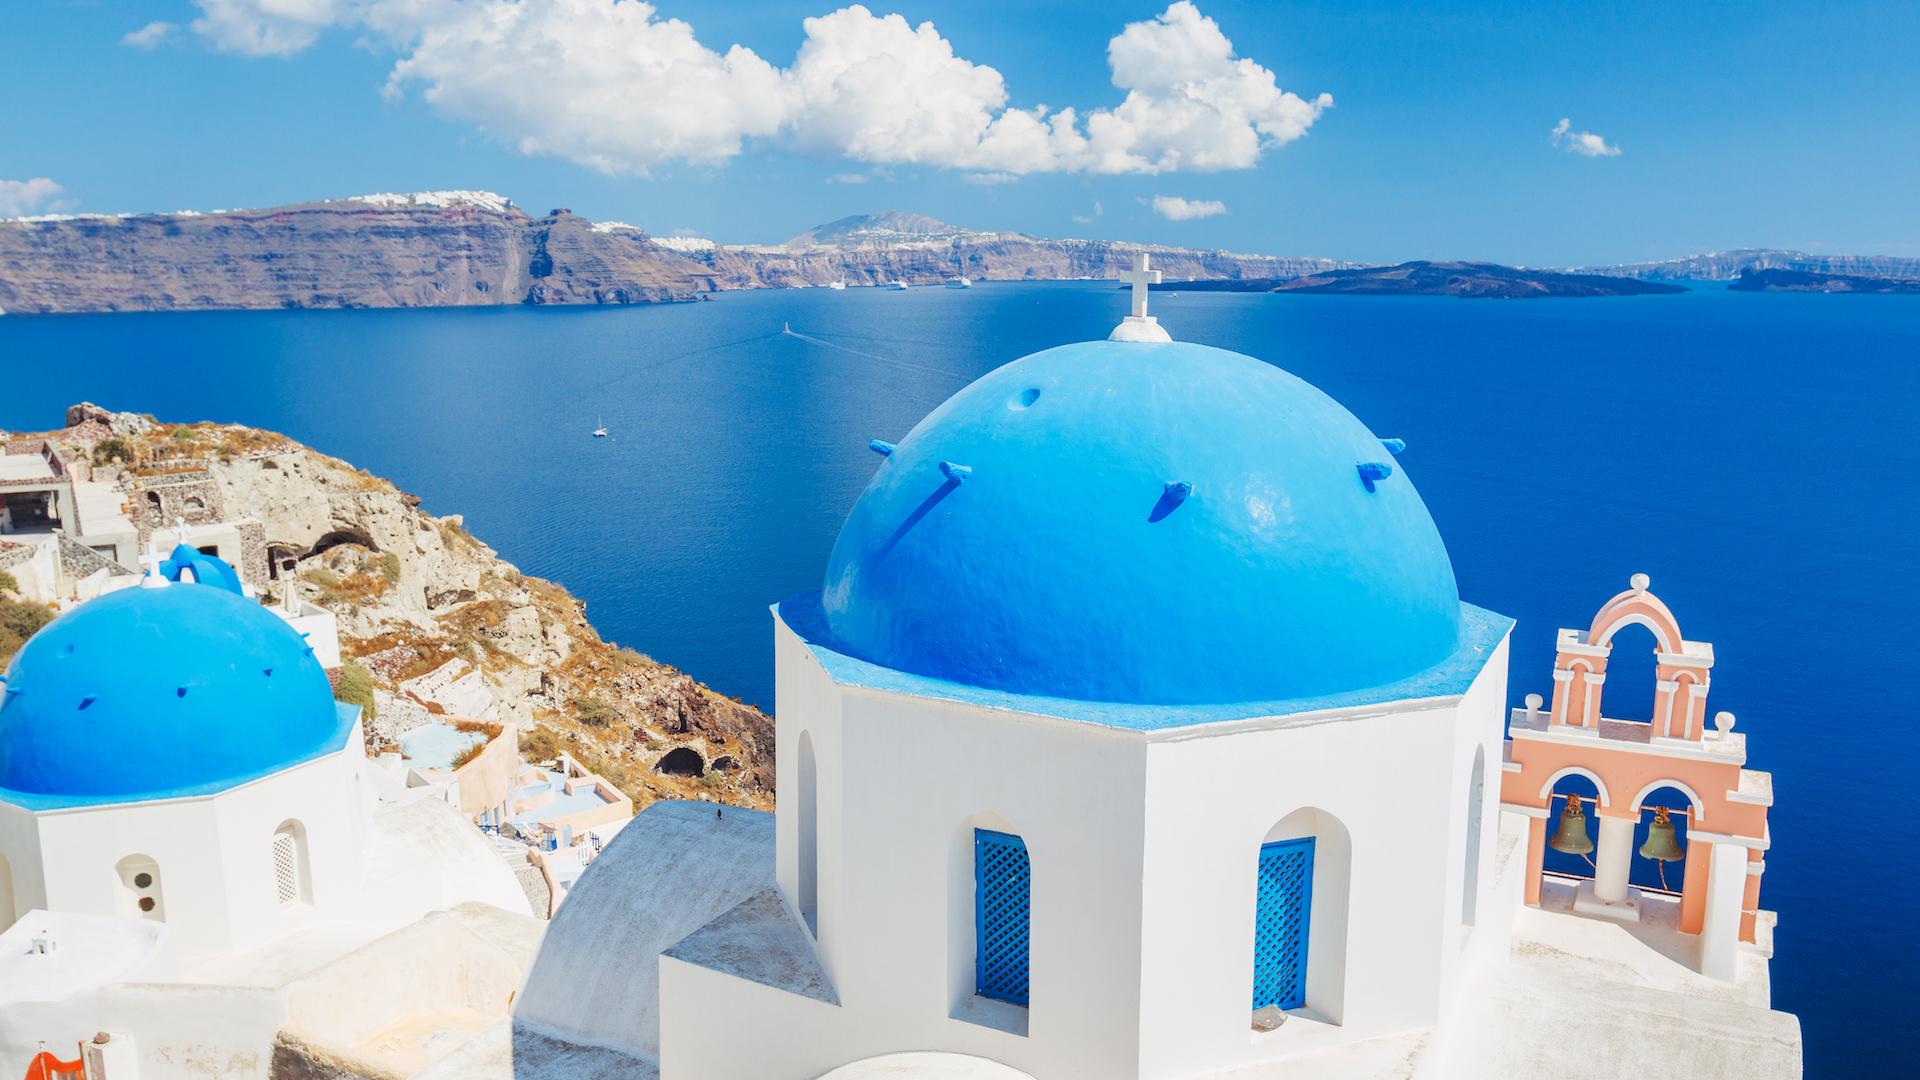 Ya se puede volver a viajar a Grecia: reabrió al turismo